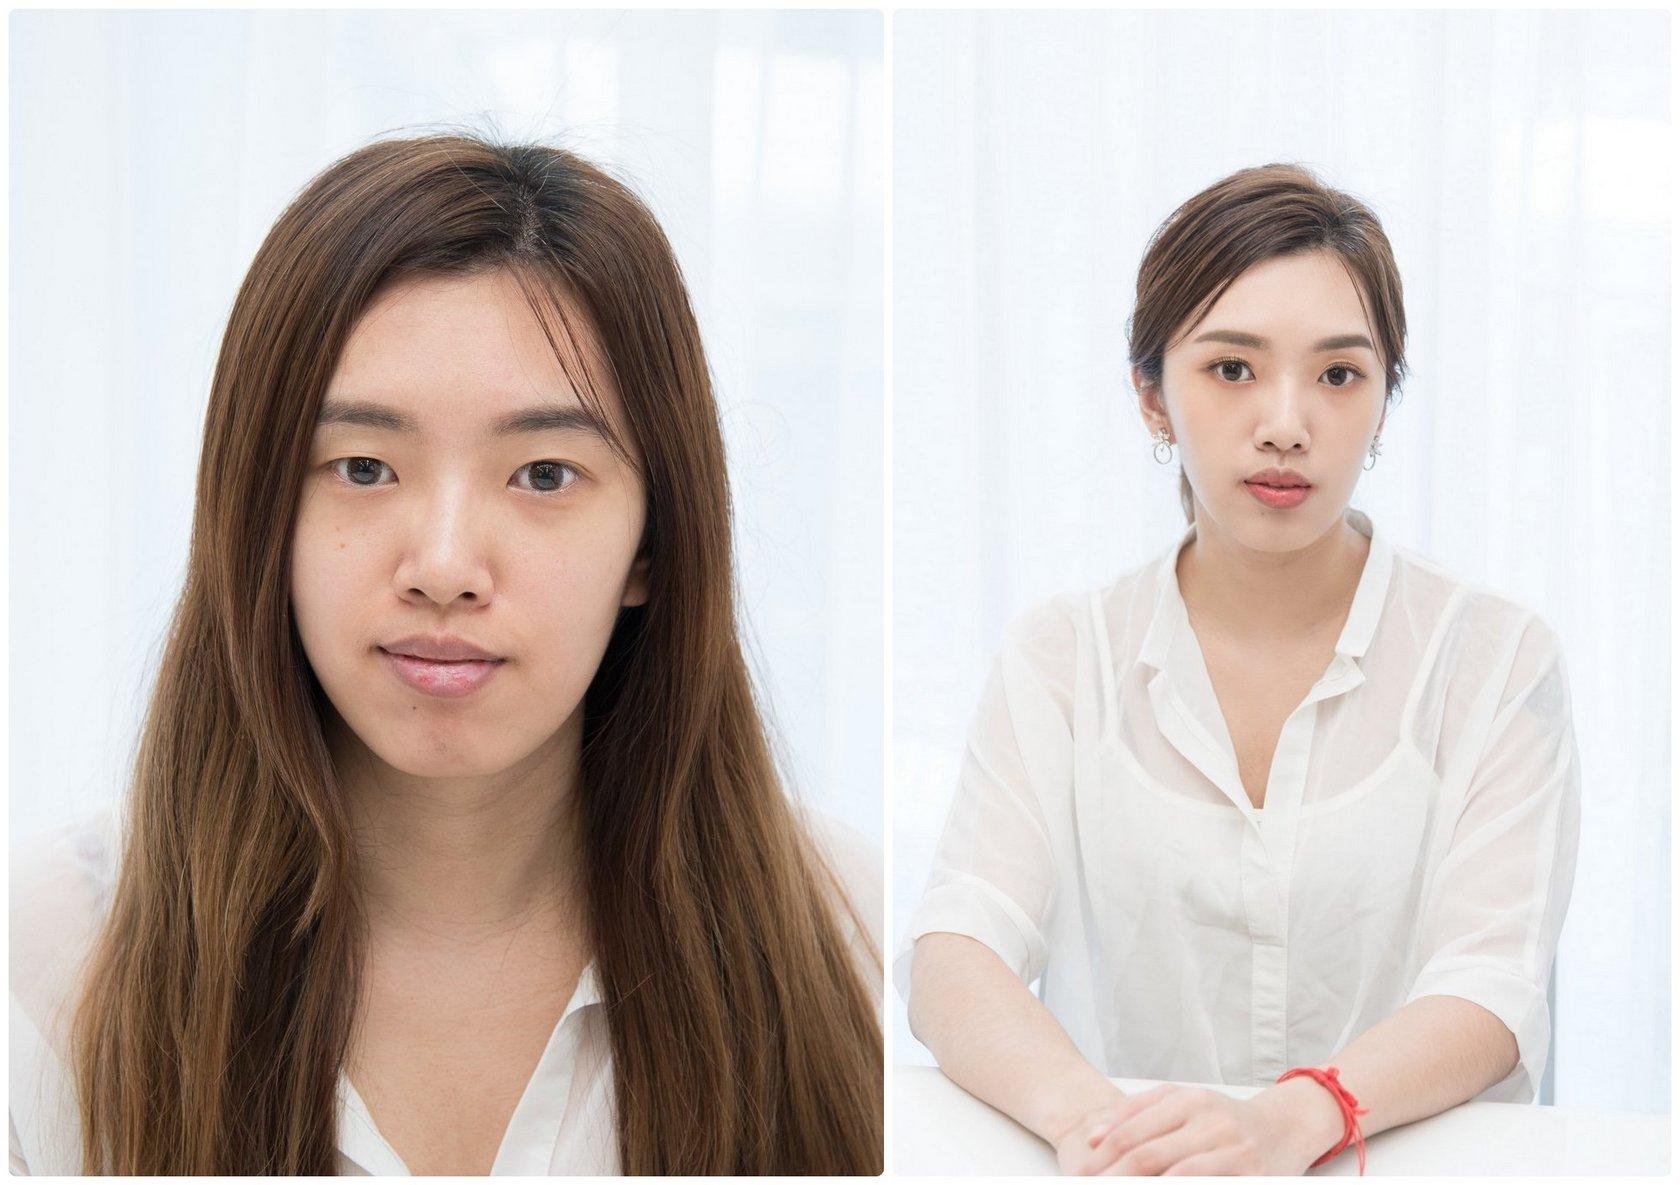 化妝課程教學 化出一個自信亮麗的上班妝